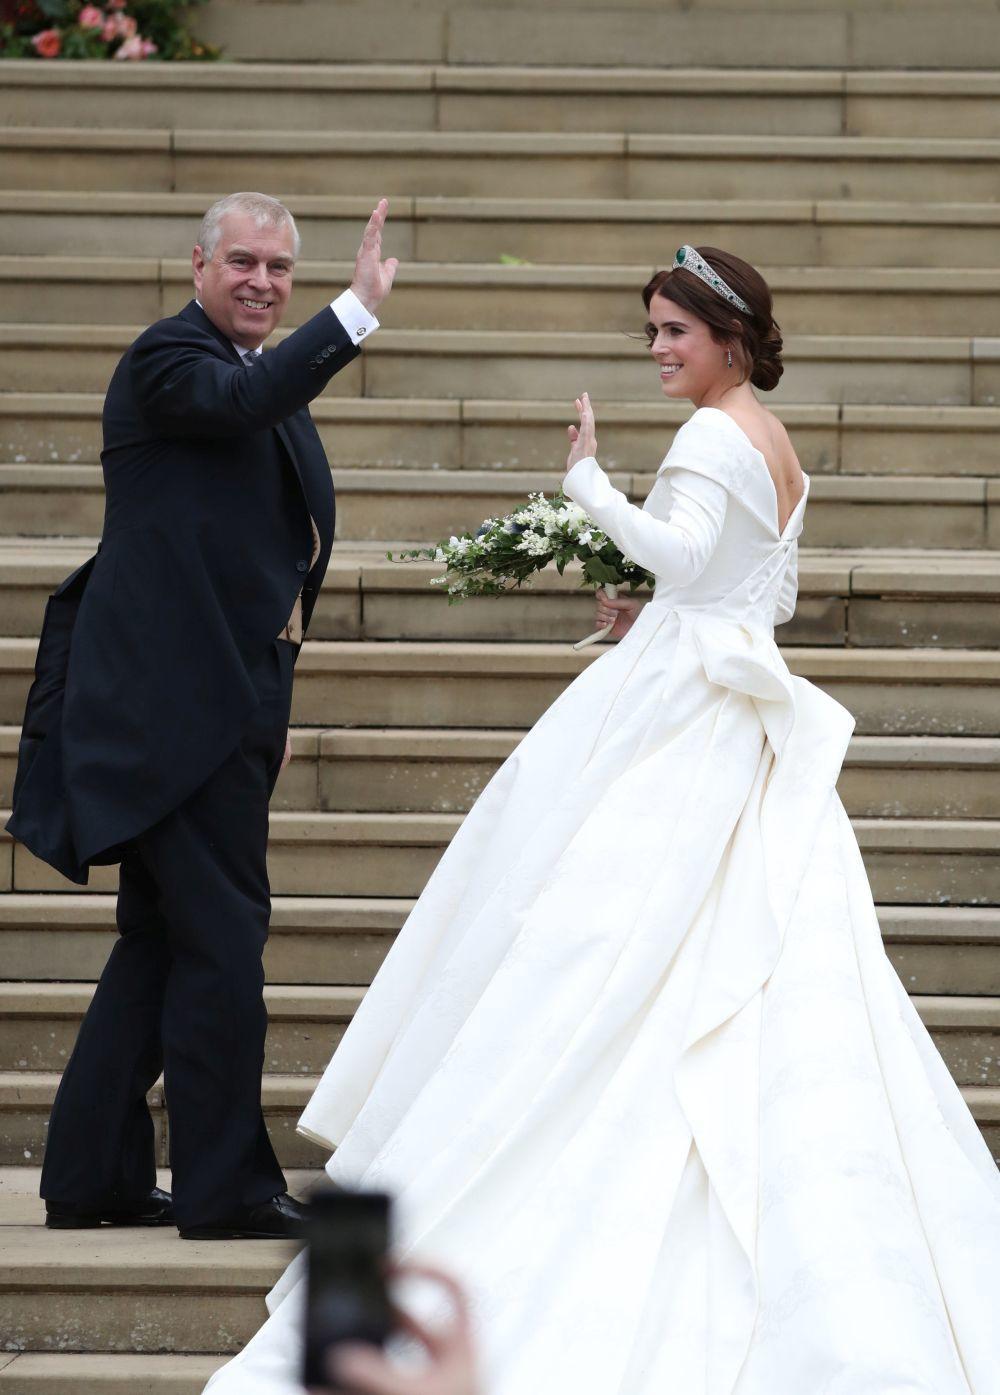 La novia llegando a la capilla con su padre, el Duque de York.